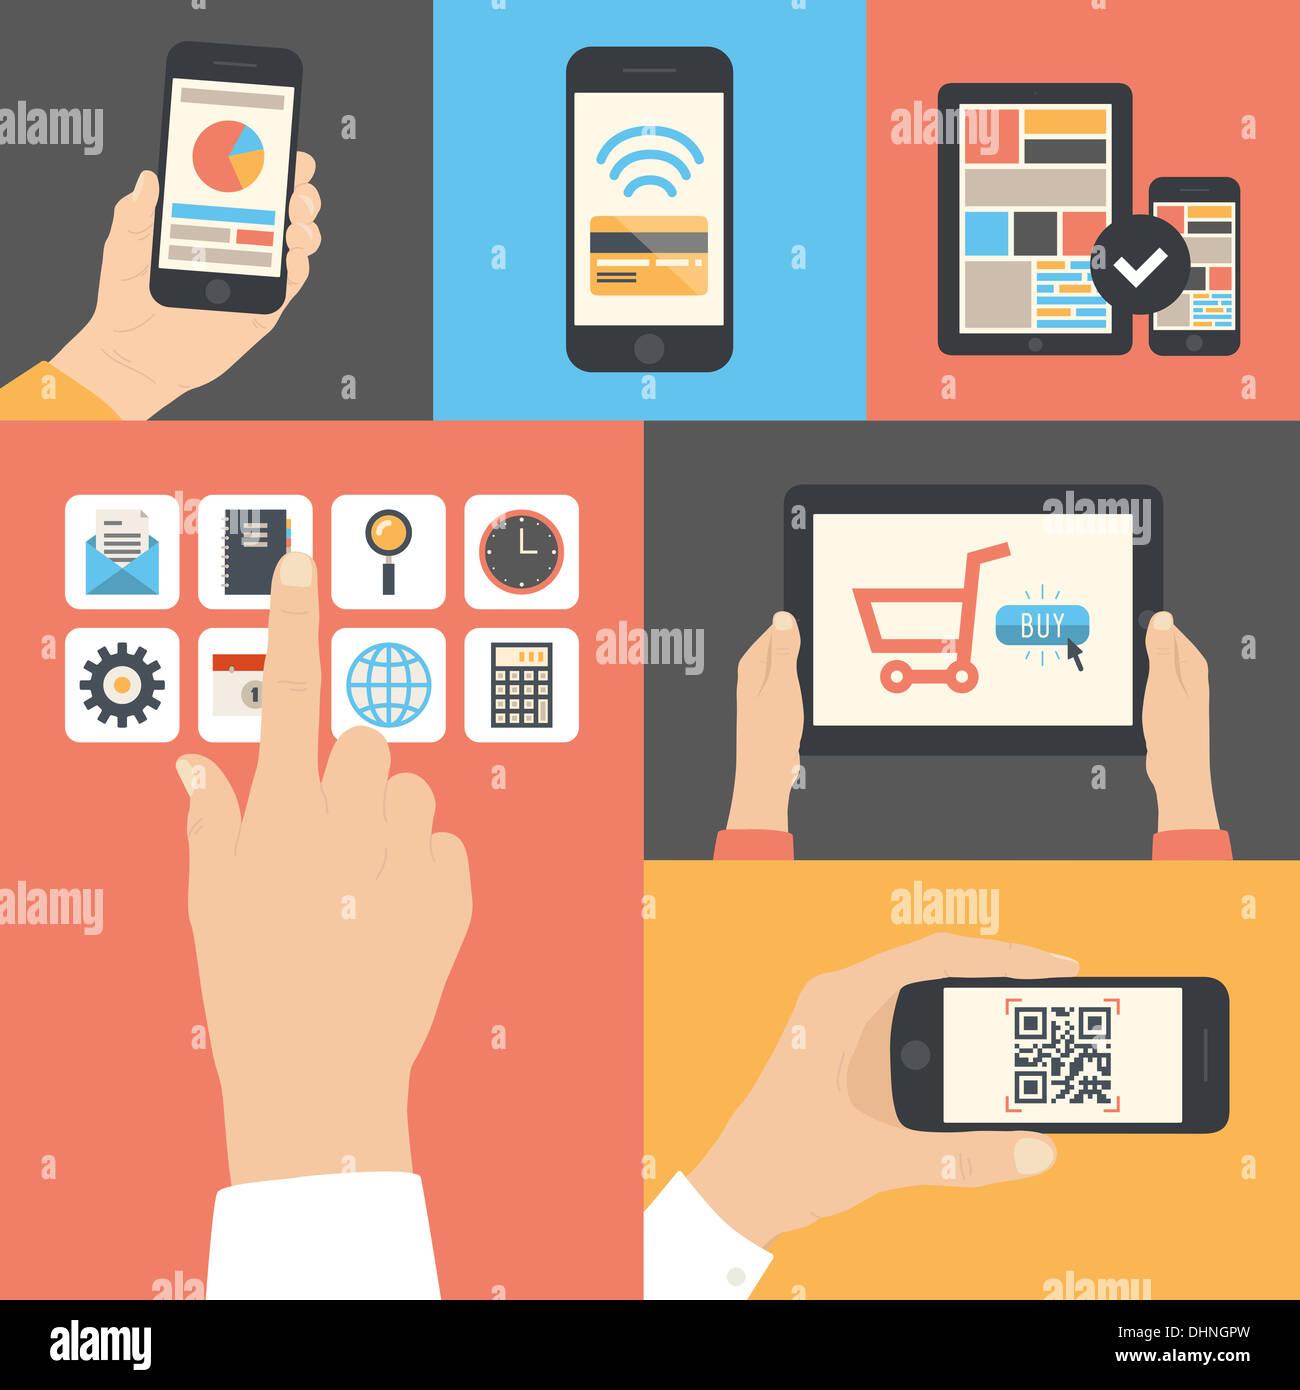 Illustrazione piatta set di interfaccia touch screen, scansione con il telefono cellulare il codice QR-code, acquisto Immagini Stock